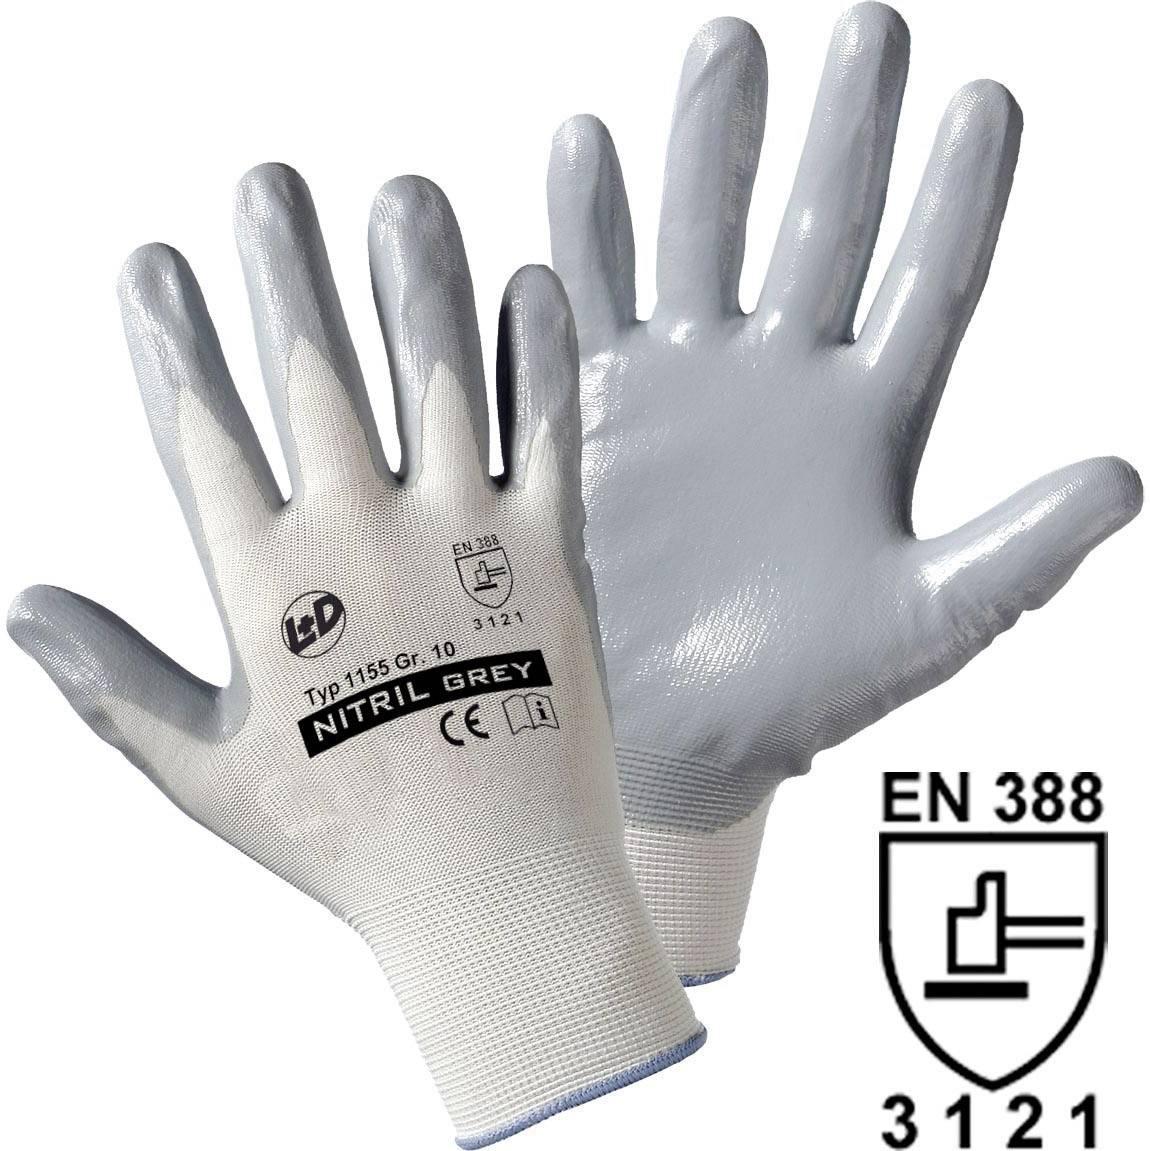 Pracovné rukavice worky Nitril- knitted 1155, velikost rukavic: 9, L